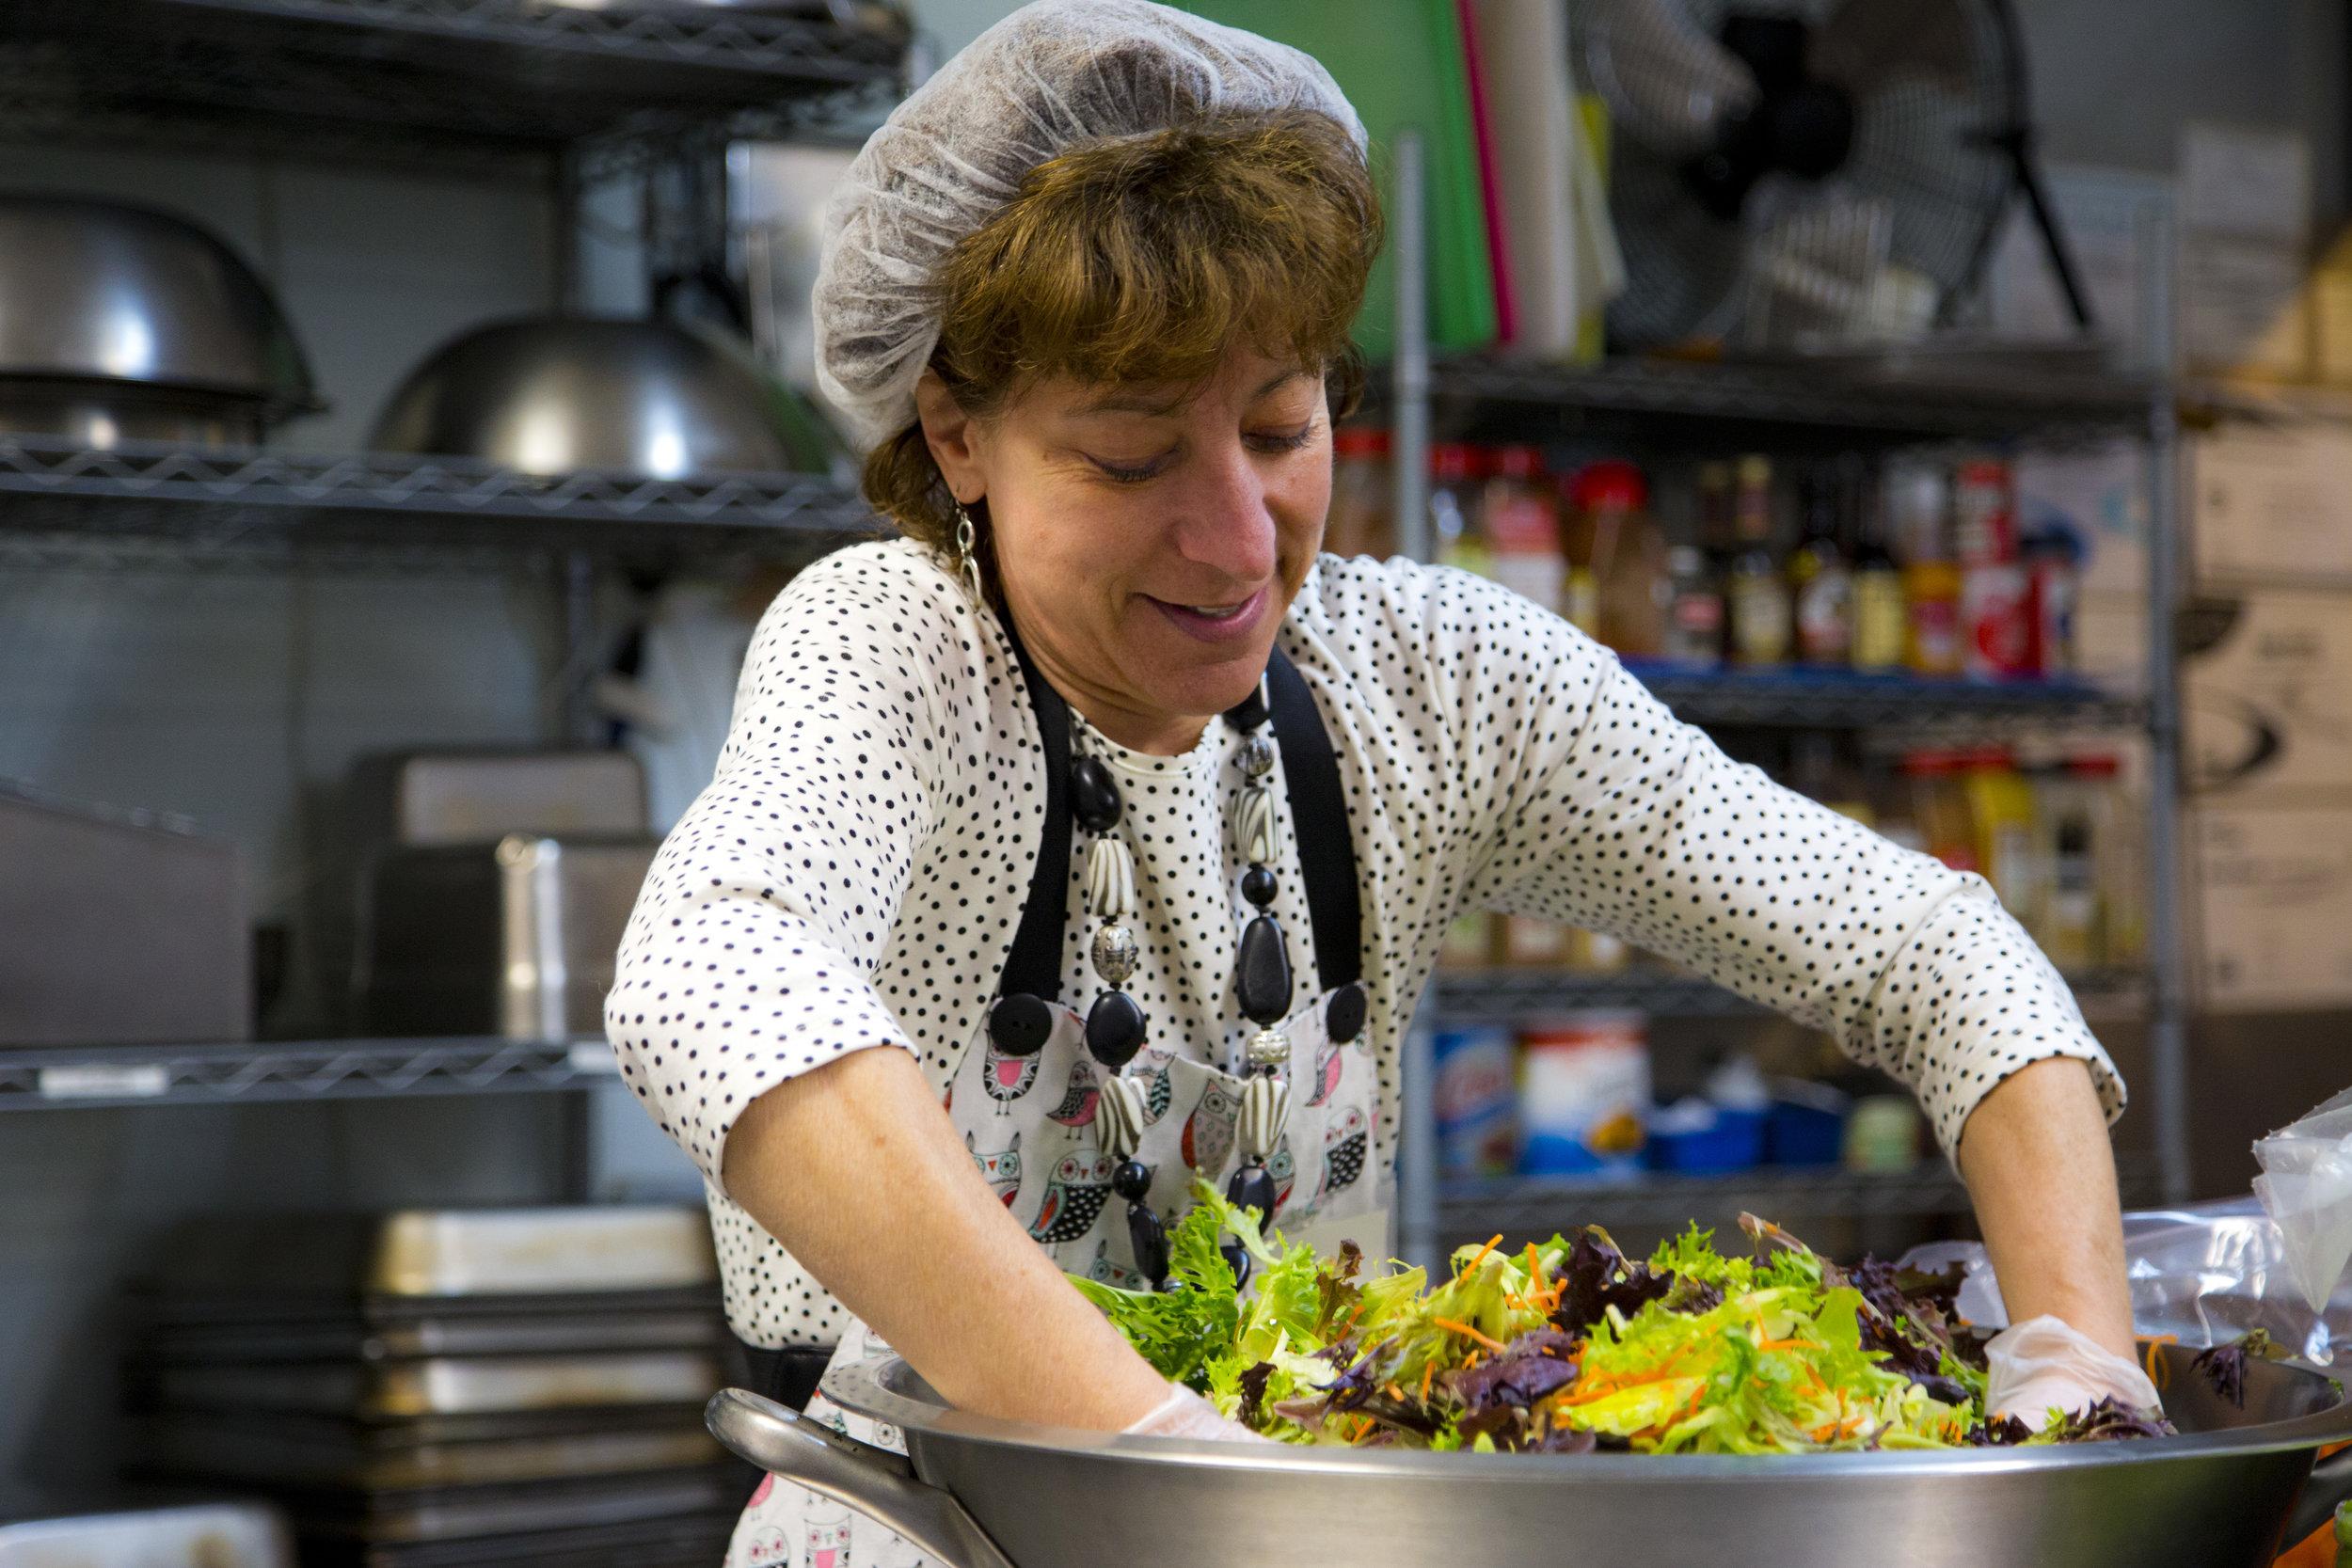 Volunteers help prepare healthy menus often including fresh produce..